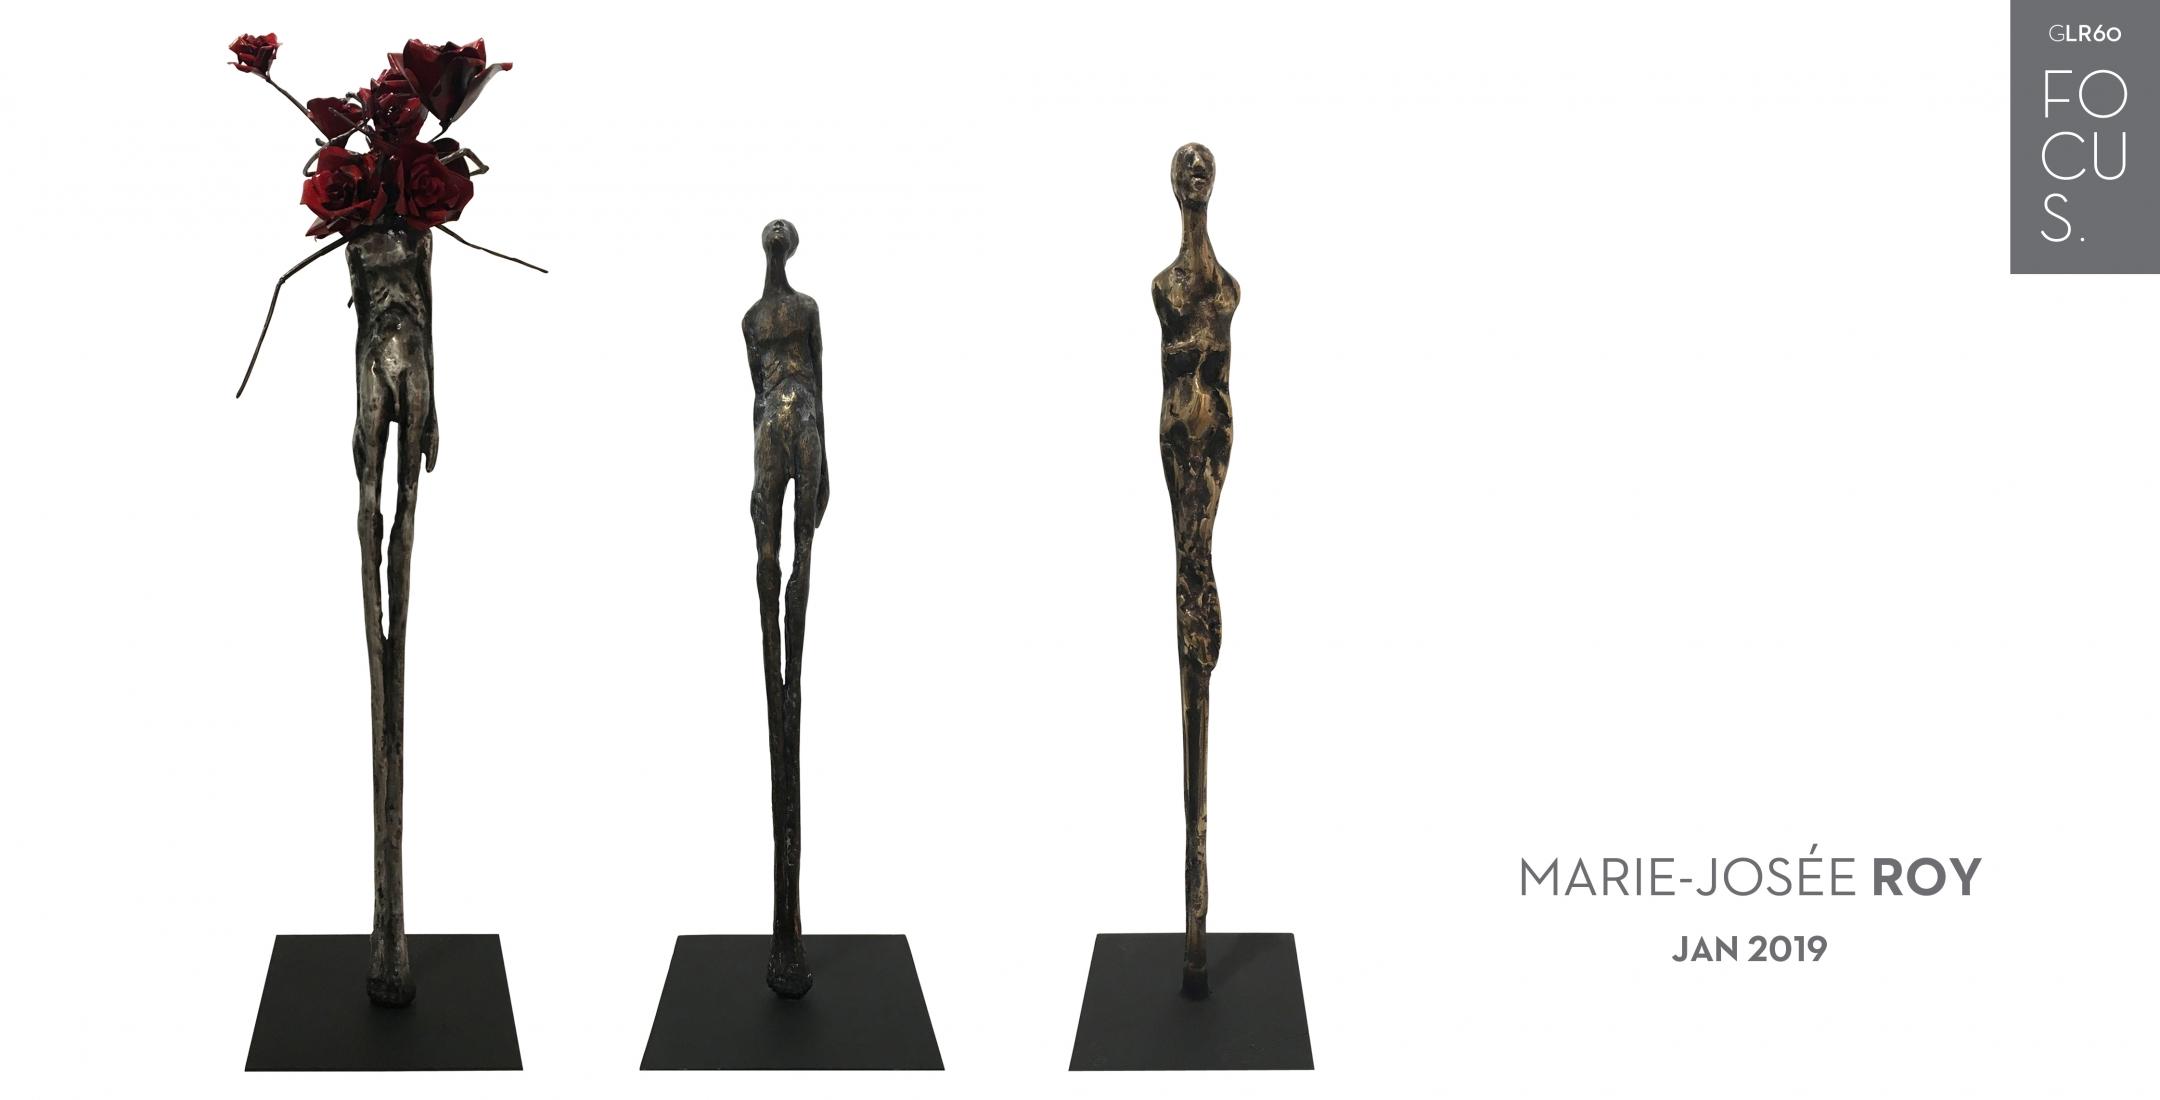 Marie-Josée Roy | FOCUS